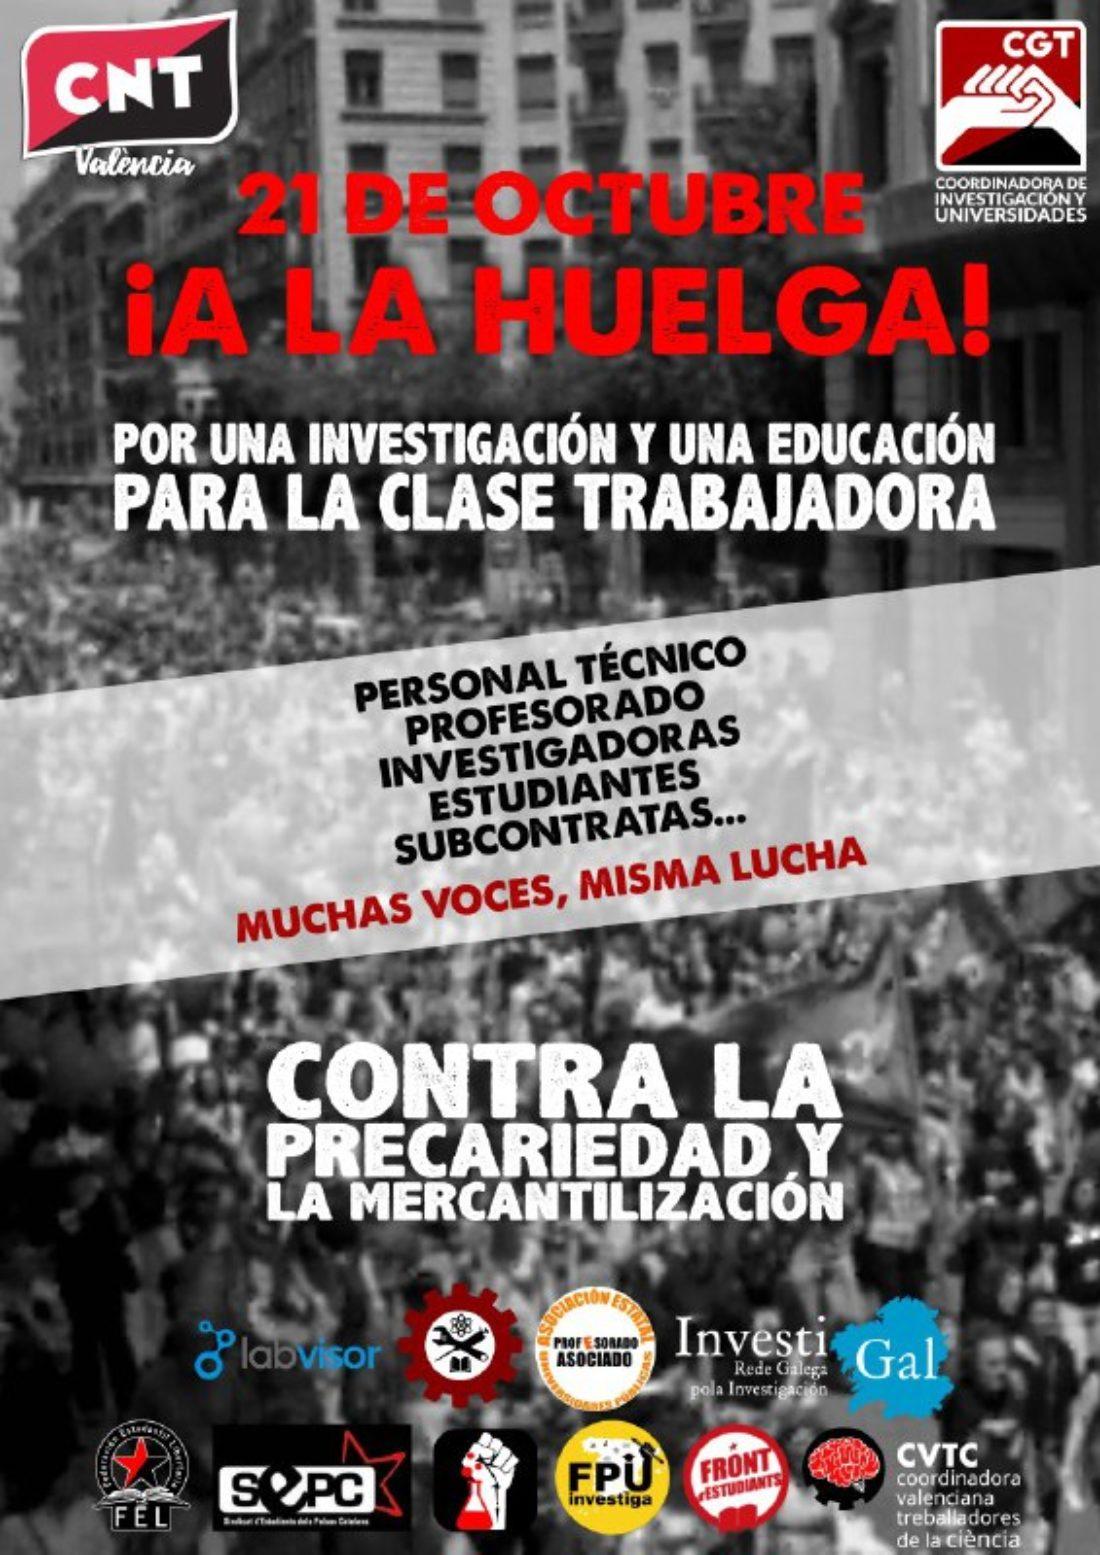 Convocatoria de Huelga en Universidades y Centros de Investigación de todo el Estado para el 21 de octubre